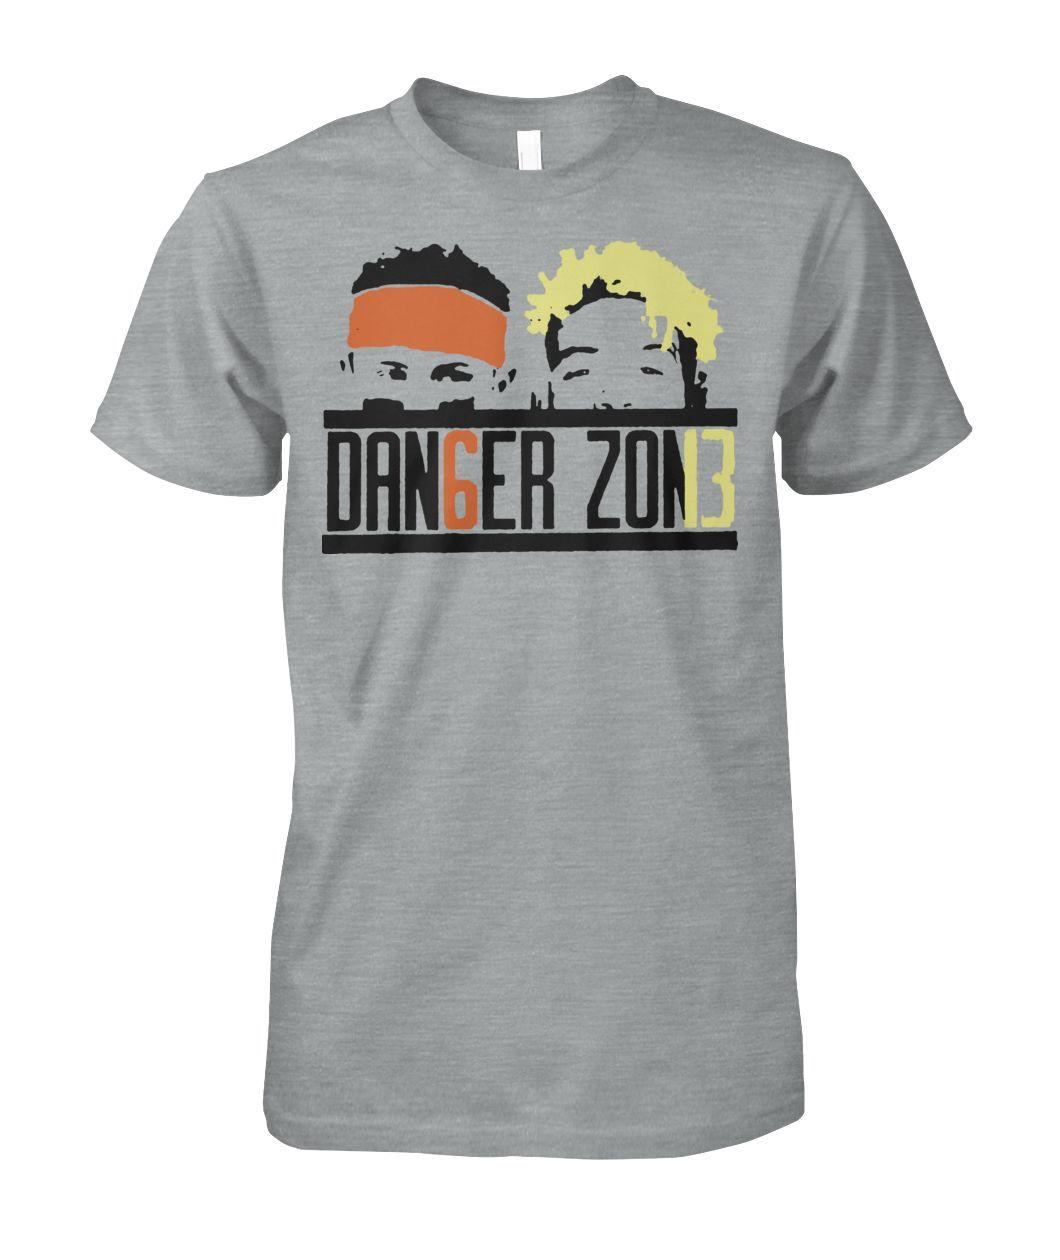 64fcb6415f6 Baker mayfield and odell beckham jr danger zone shirt and badass gildan  hoodie